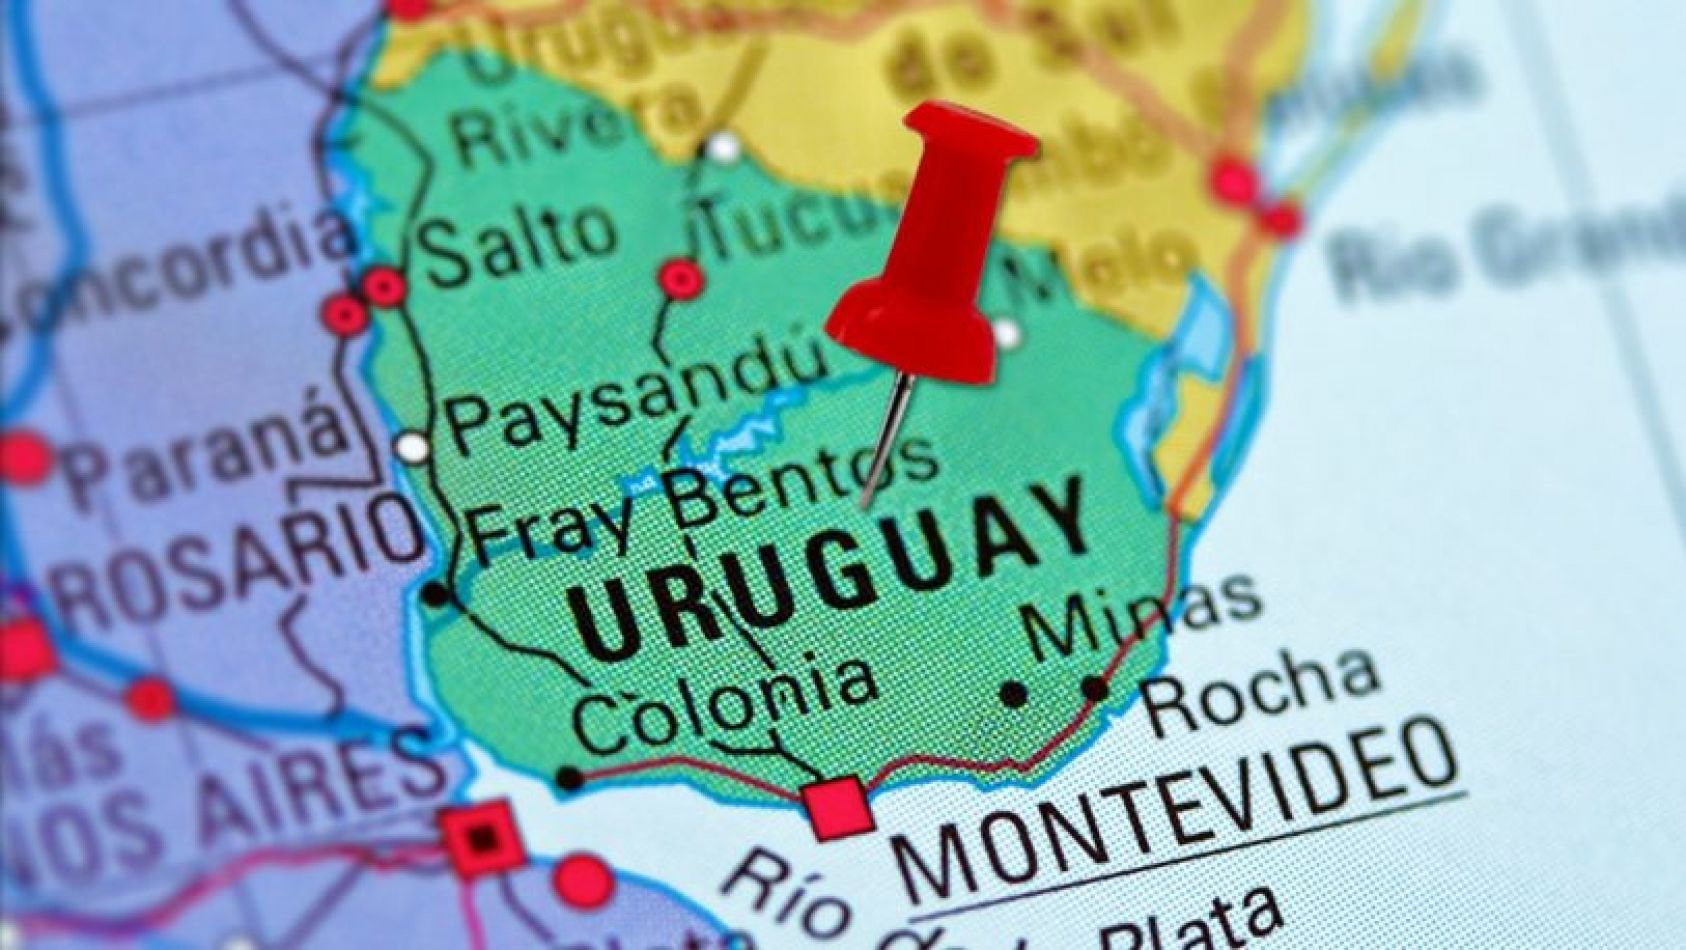 Se dispararon las solicitudes de residencia de argentinos para Uruguay